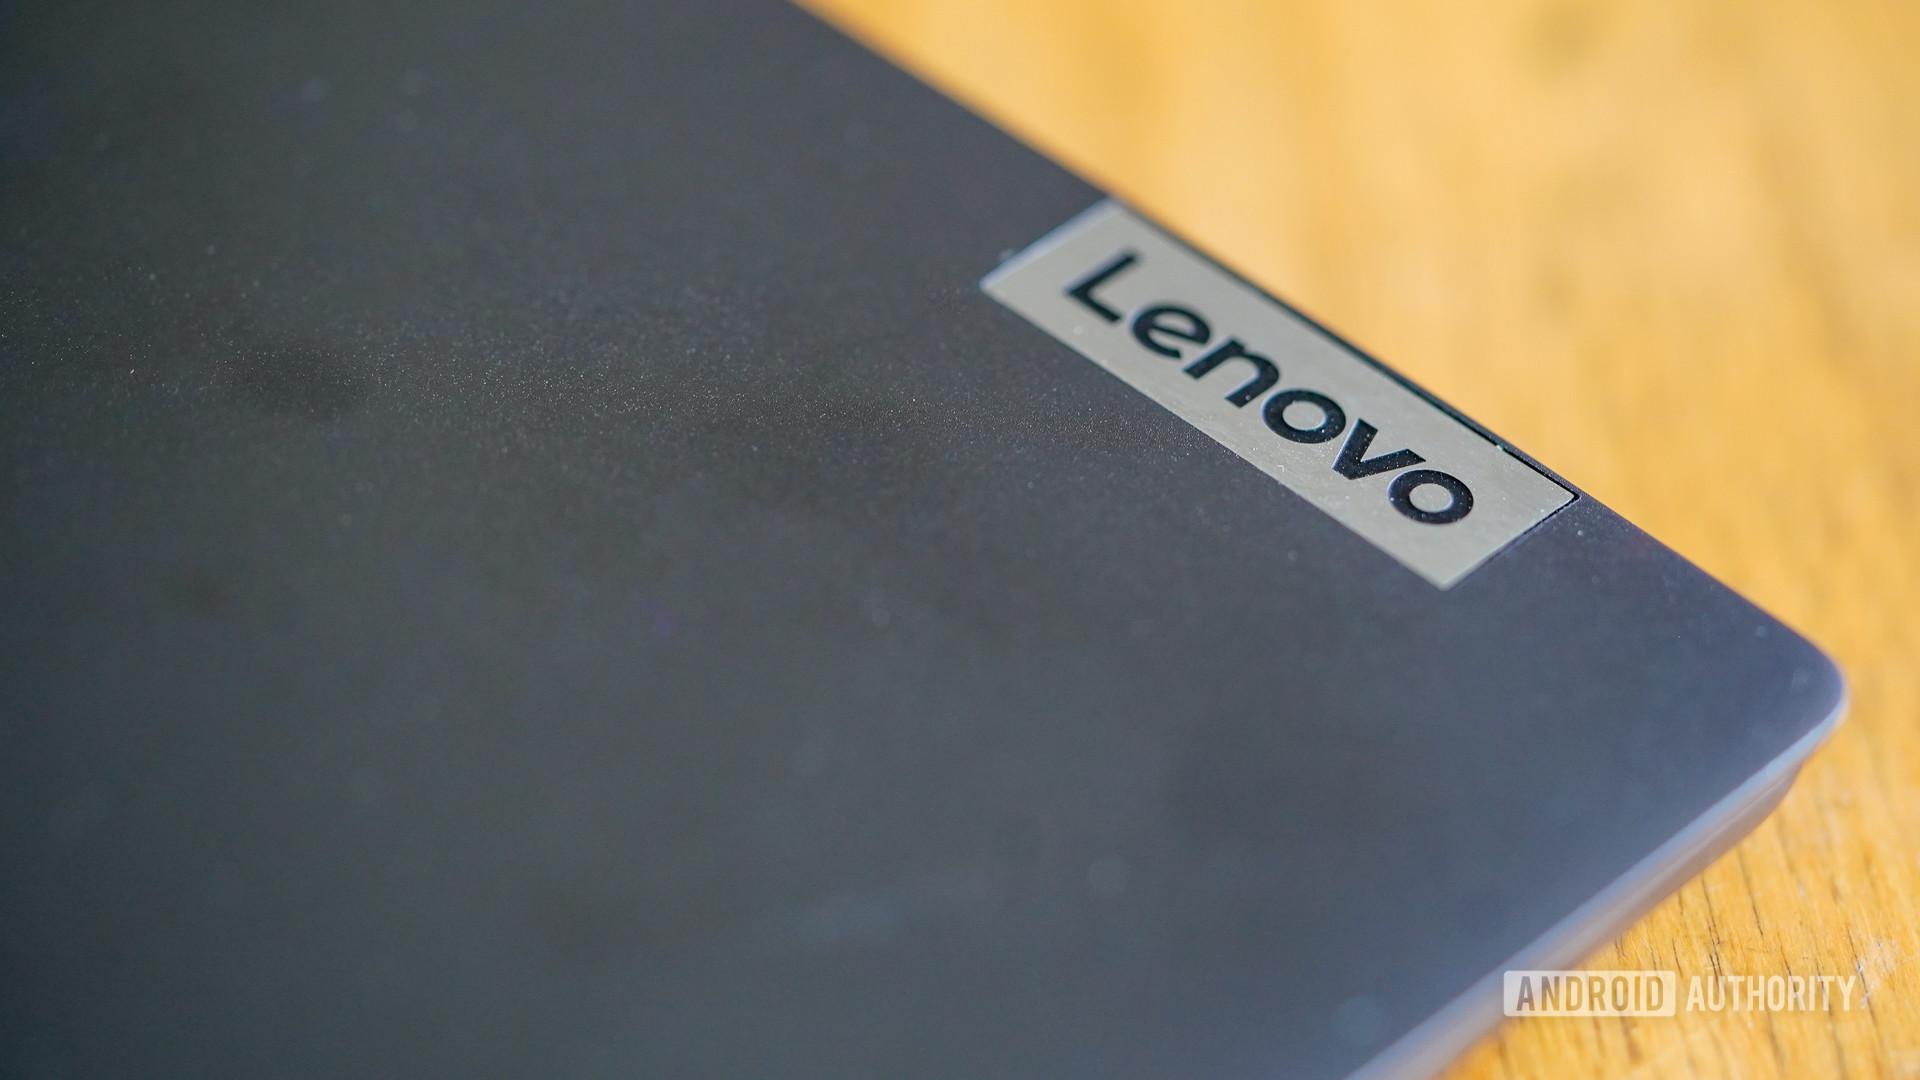 Lenovo Flex 5G angled brand